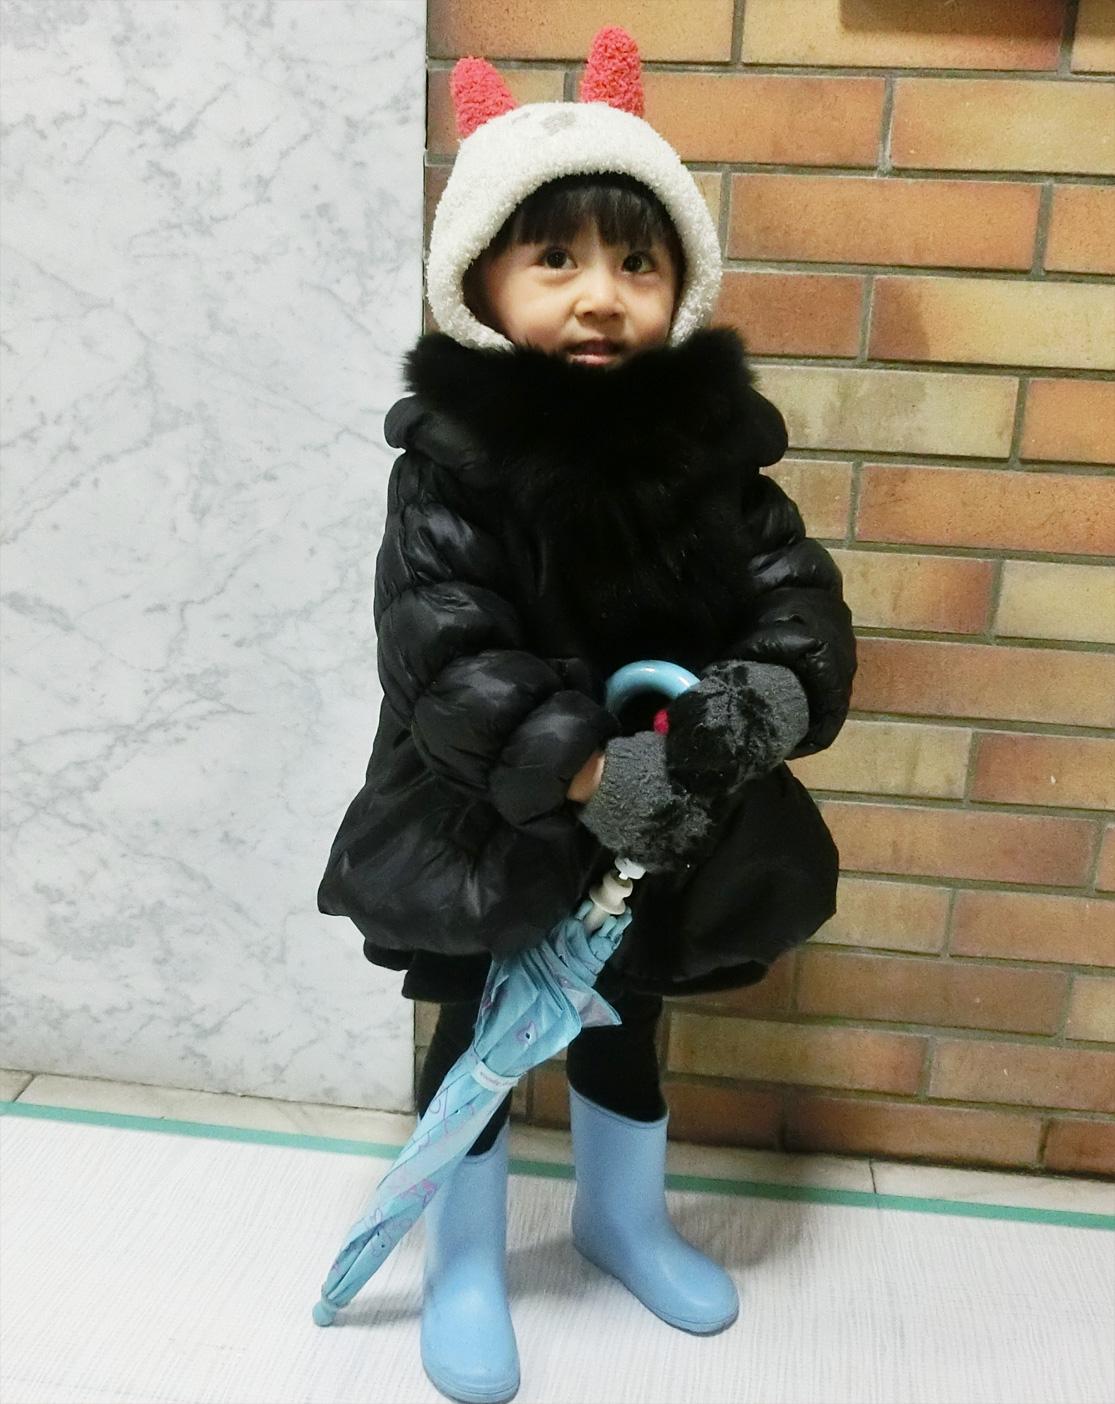 今から生徒chanの本番!ユニゾンの意味。…と、雪ッ_d0224894_17452179.jpg